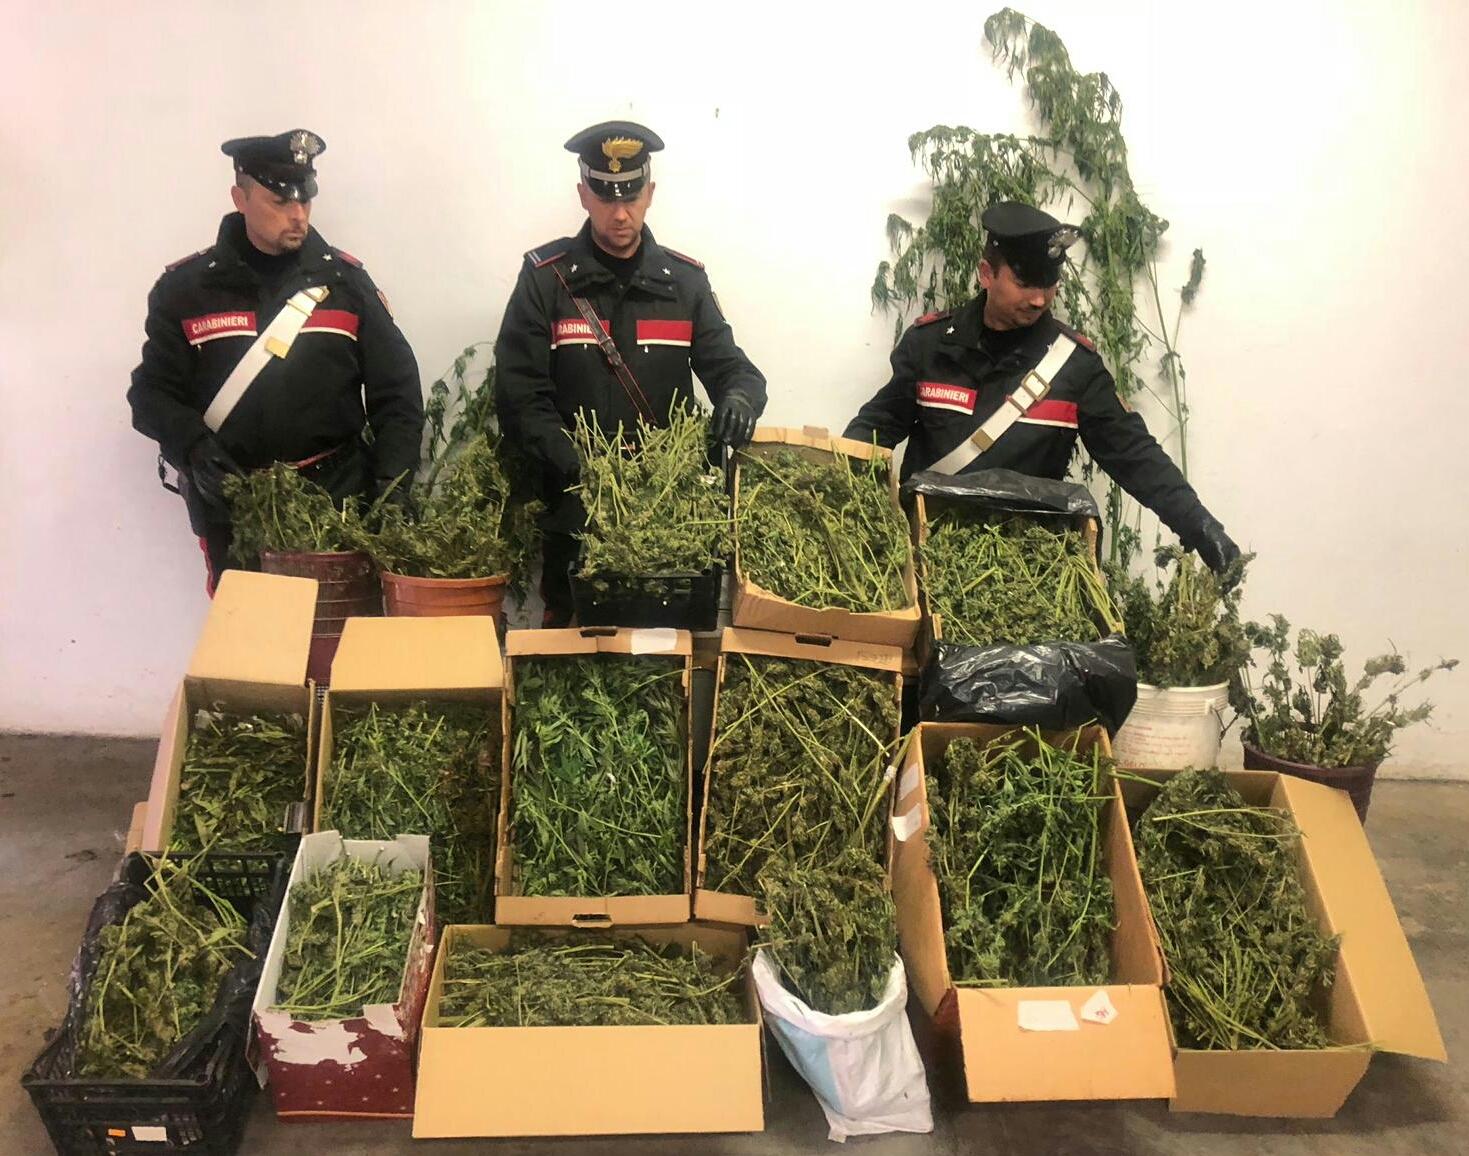 RUEGLIO - Scoperto laboratorio per la produzione di marijuana: un 42enne arrestato - VIDEO